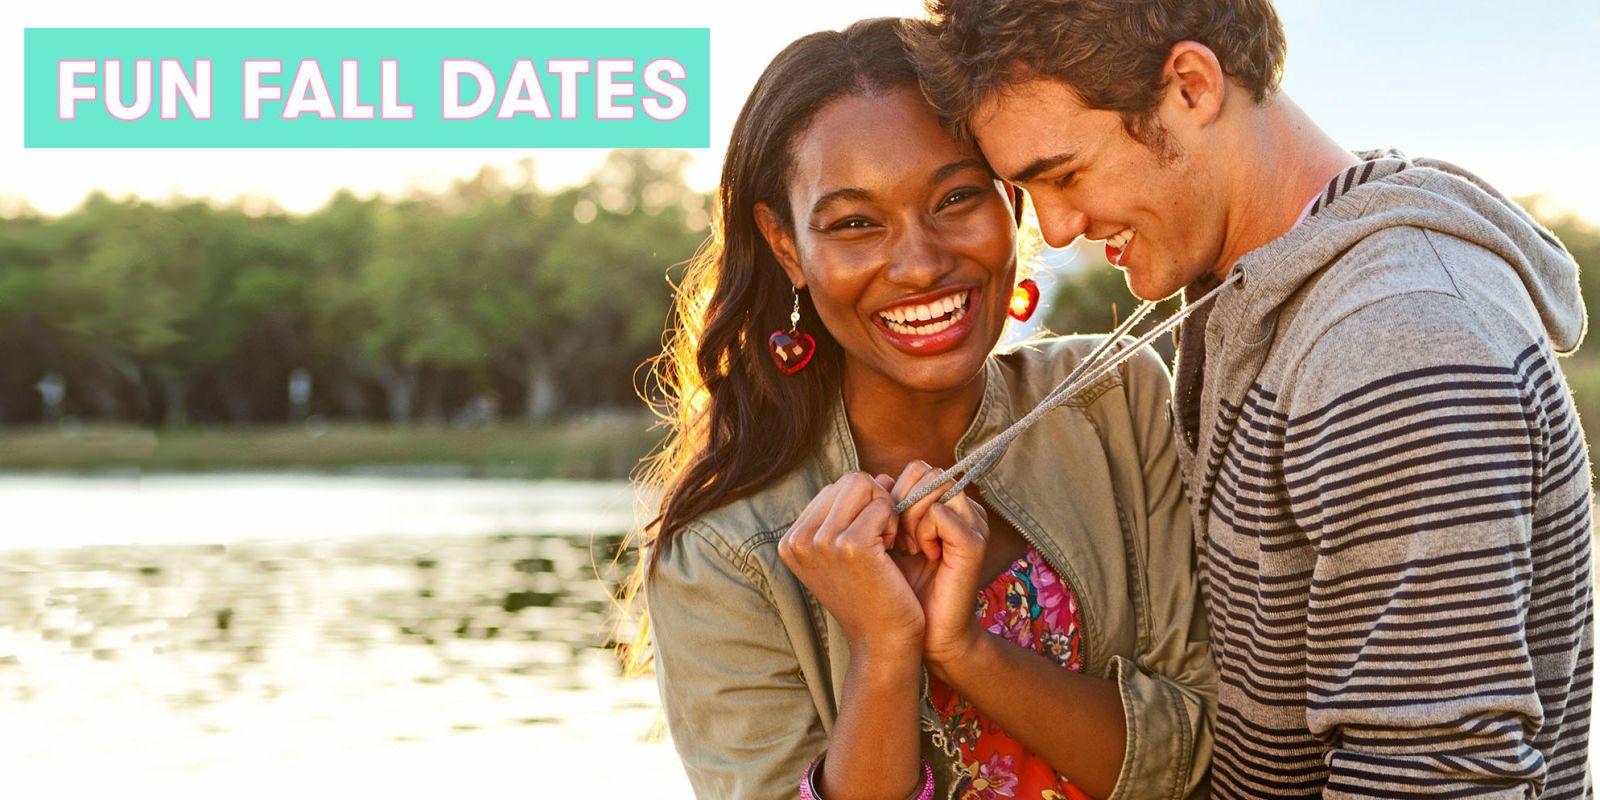 Fun adult dates